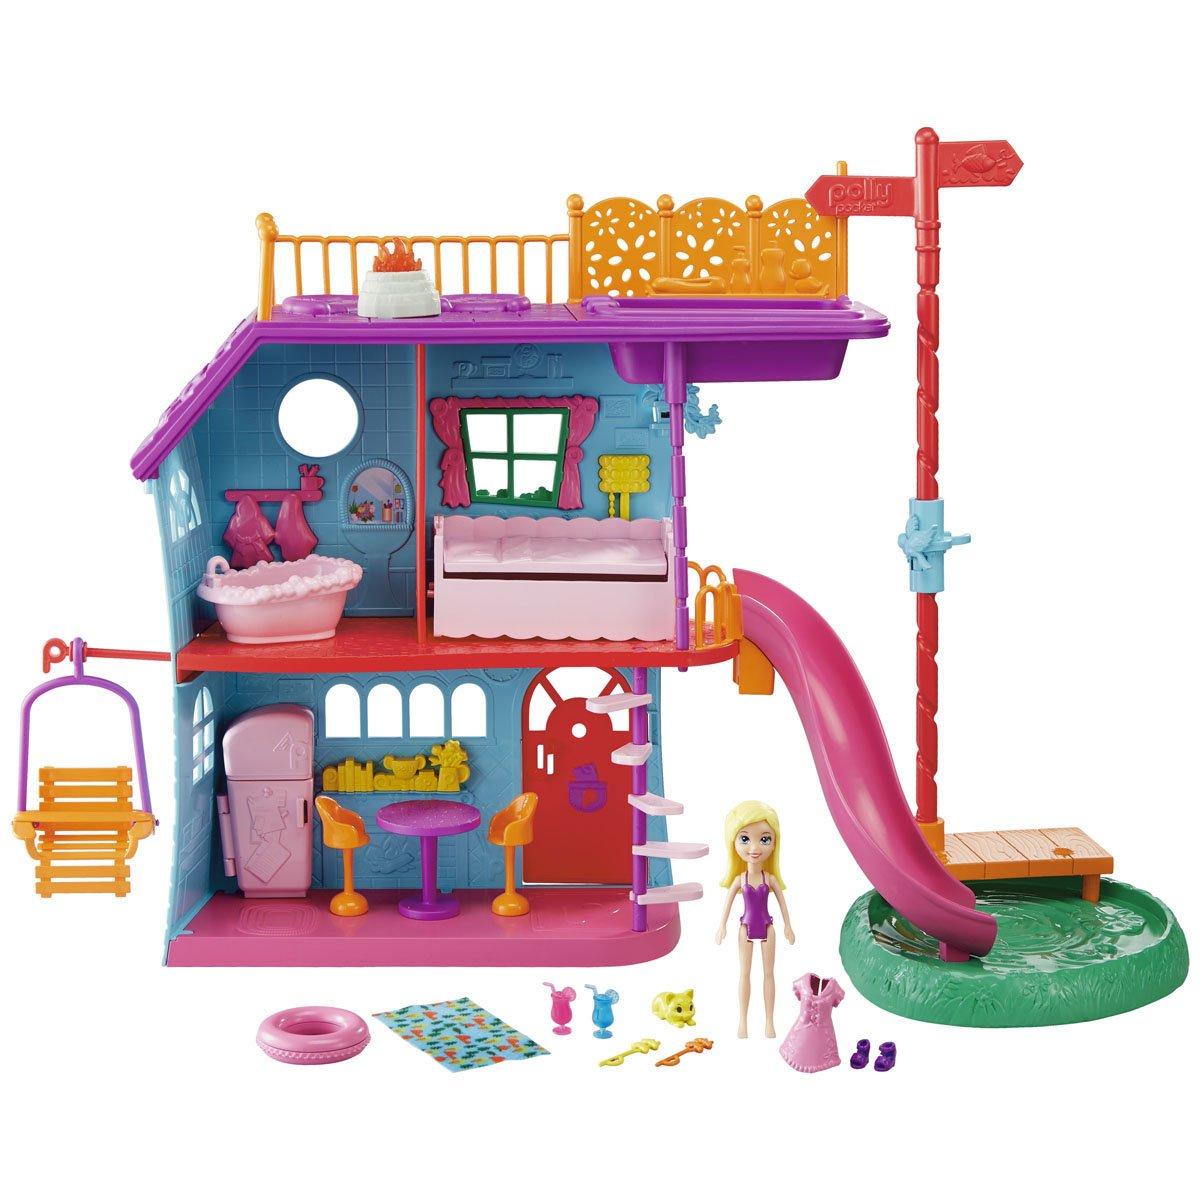 Polly pocket casa de vacaciones sears com mx me - Cambio de casa para vacaciones ...